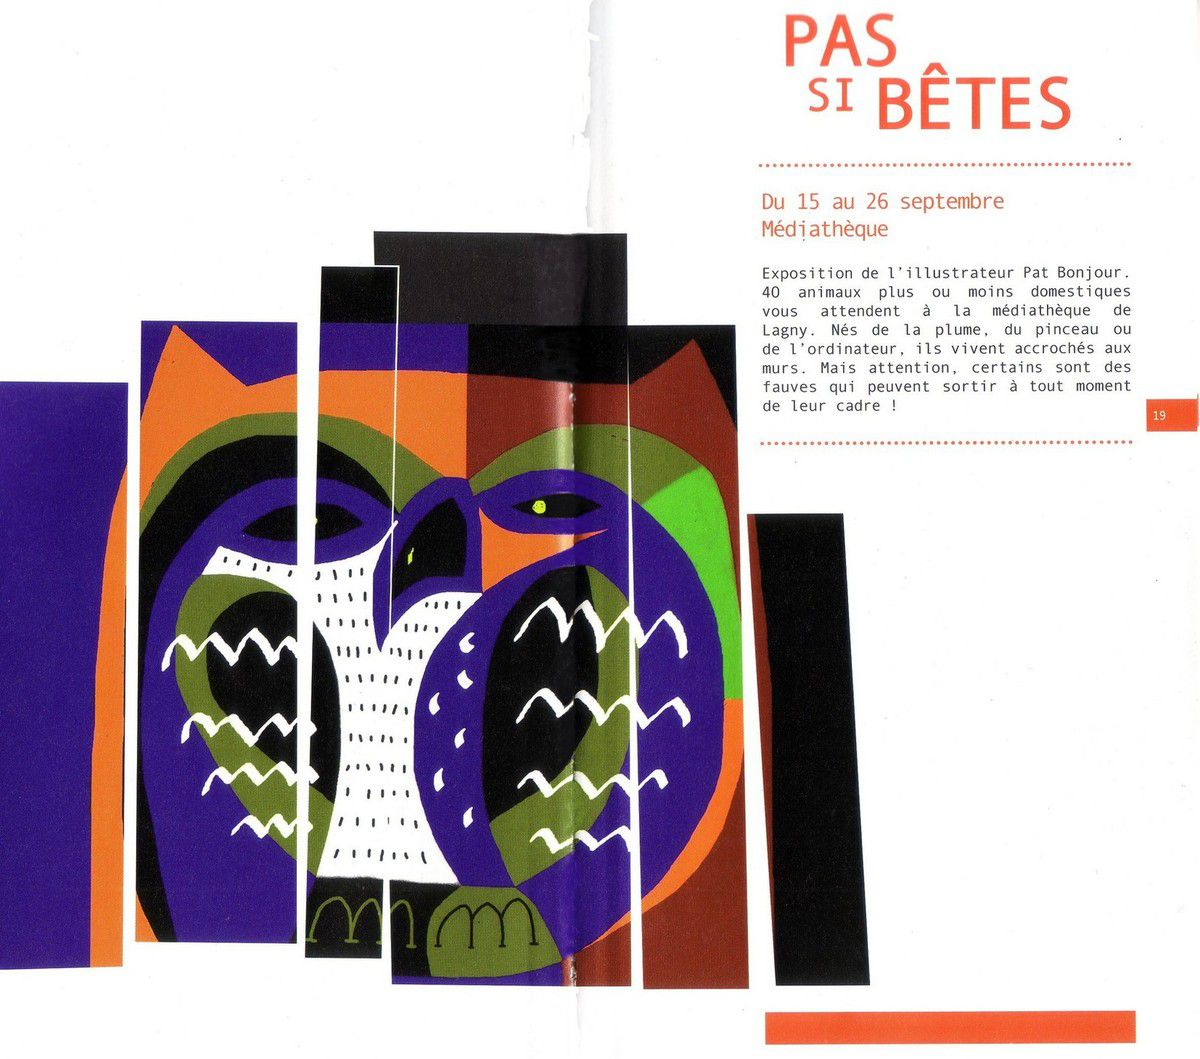 Expo d'animaux par Pat Bonjour,auteur de Nez en moins